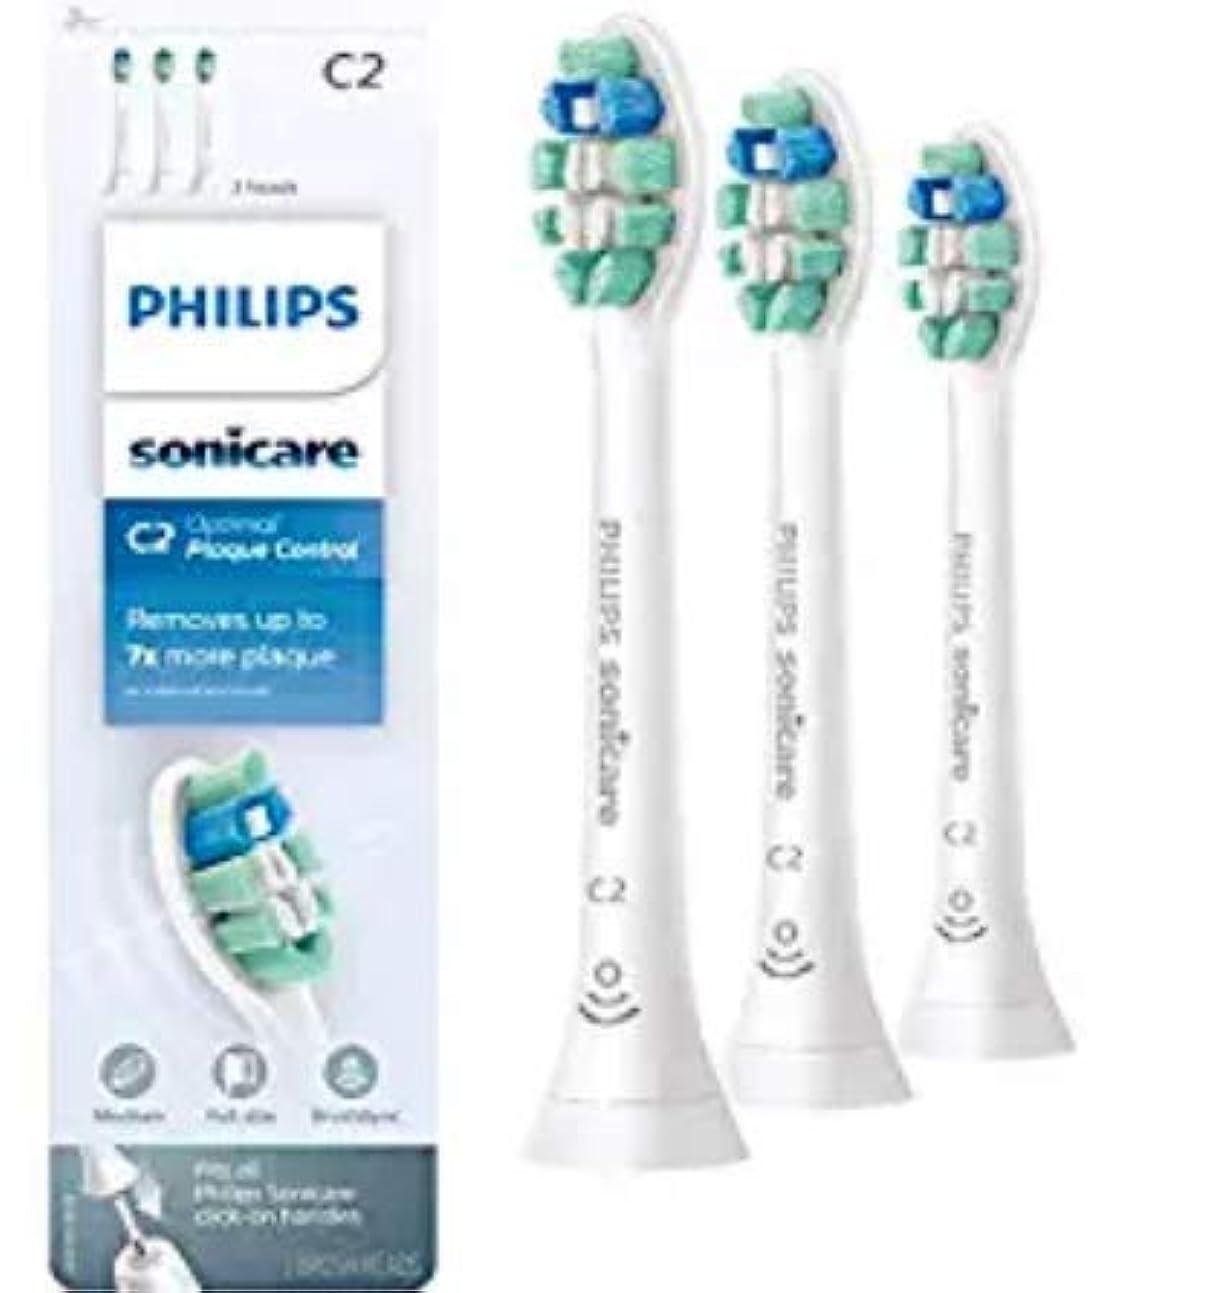 スペアブラシHX9023ソニッケアークリーンプラス、きれいな歯ブラシ、(前歯垢防御)電動歯ブラシ3本組